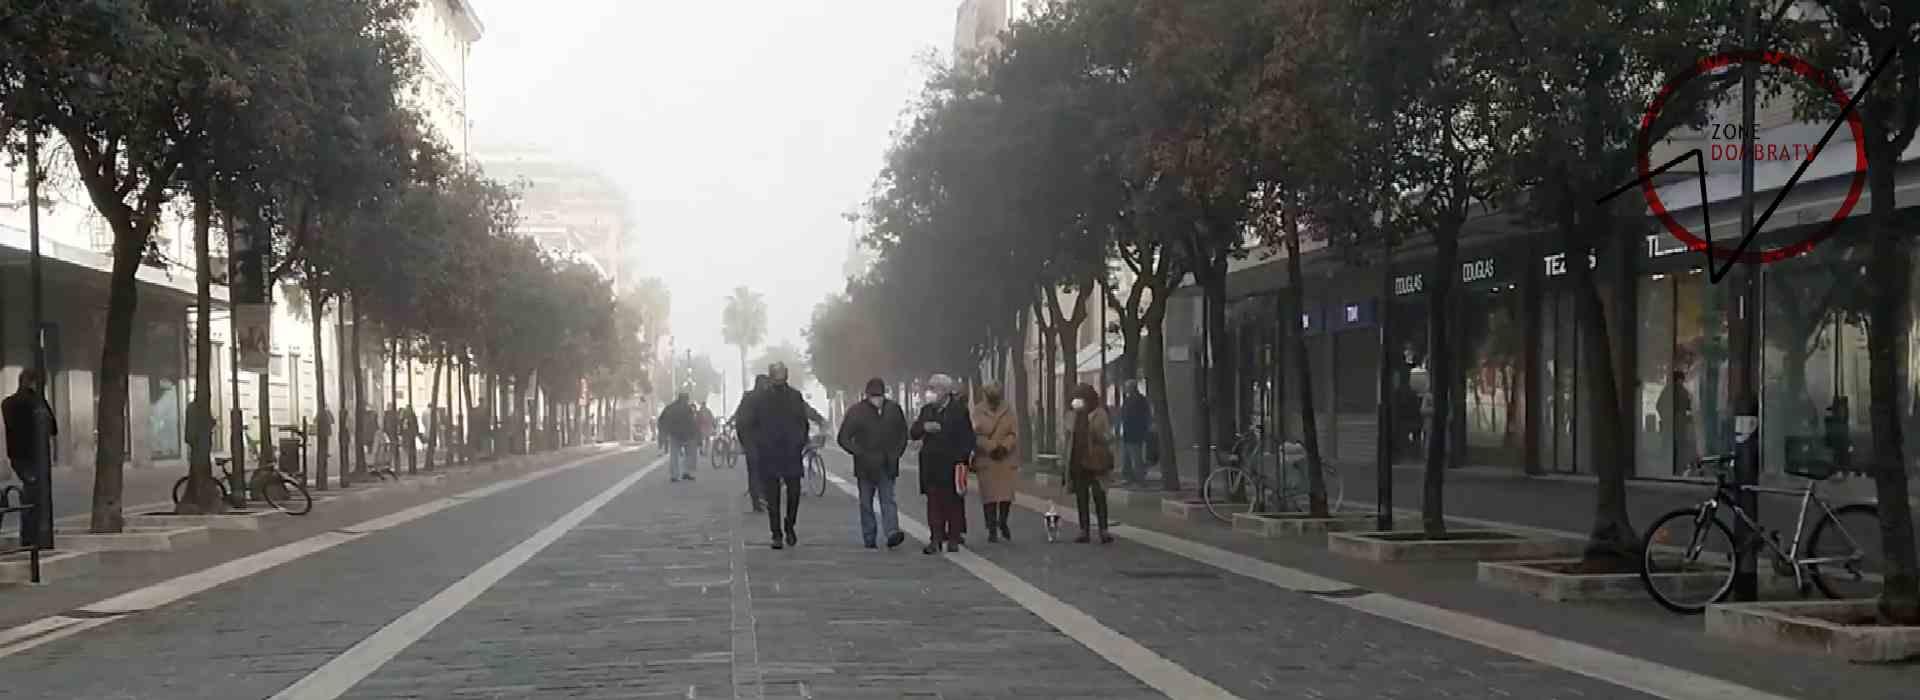 Pescara e Chieti flagellate dalle varianti Covid. La propaganda politica e i controlli inesistenti